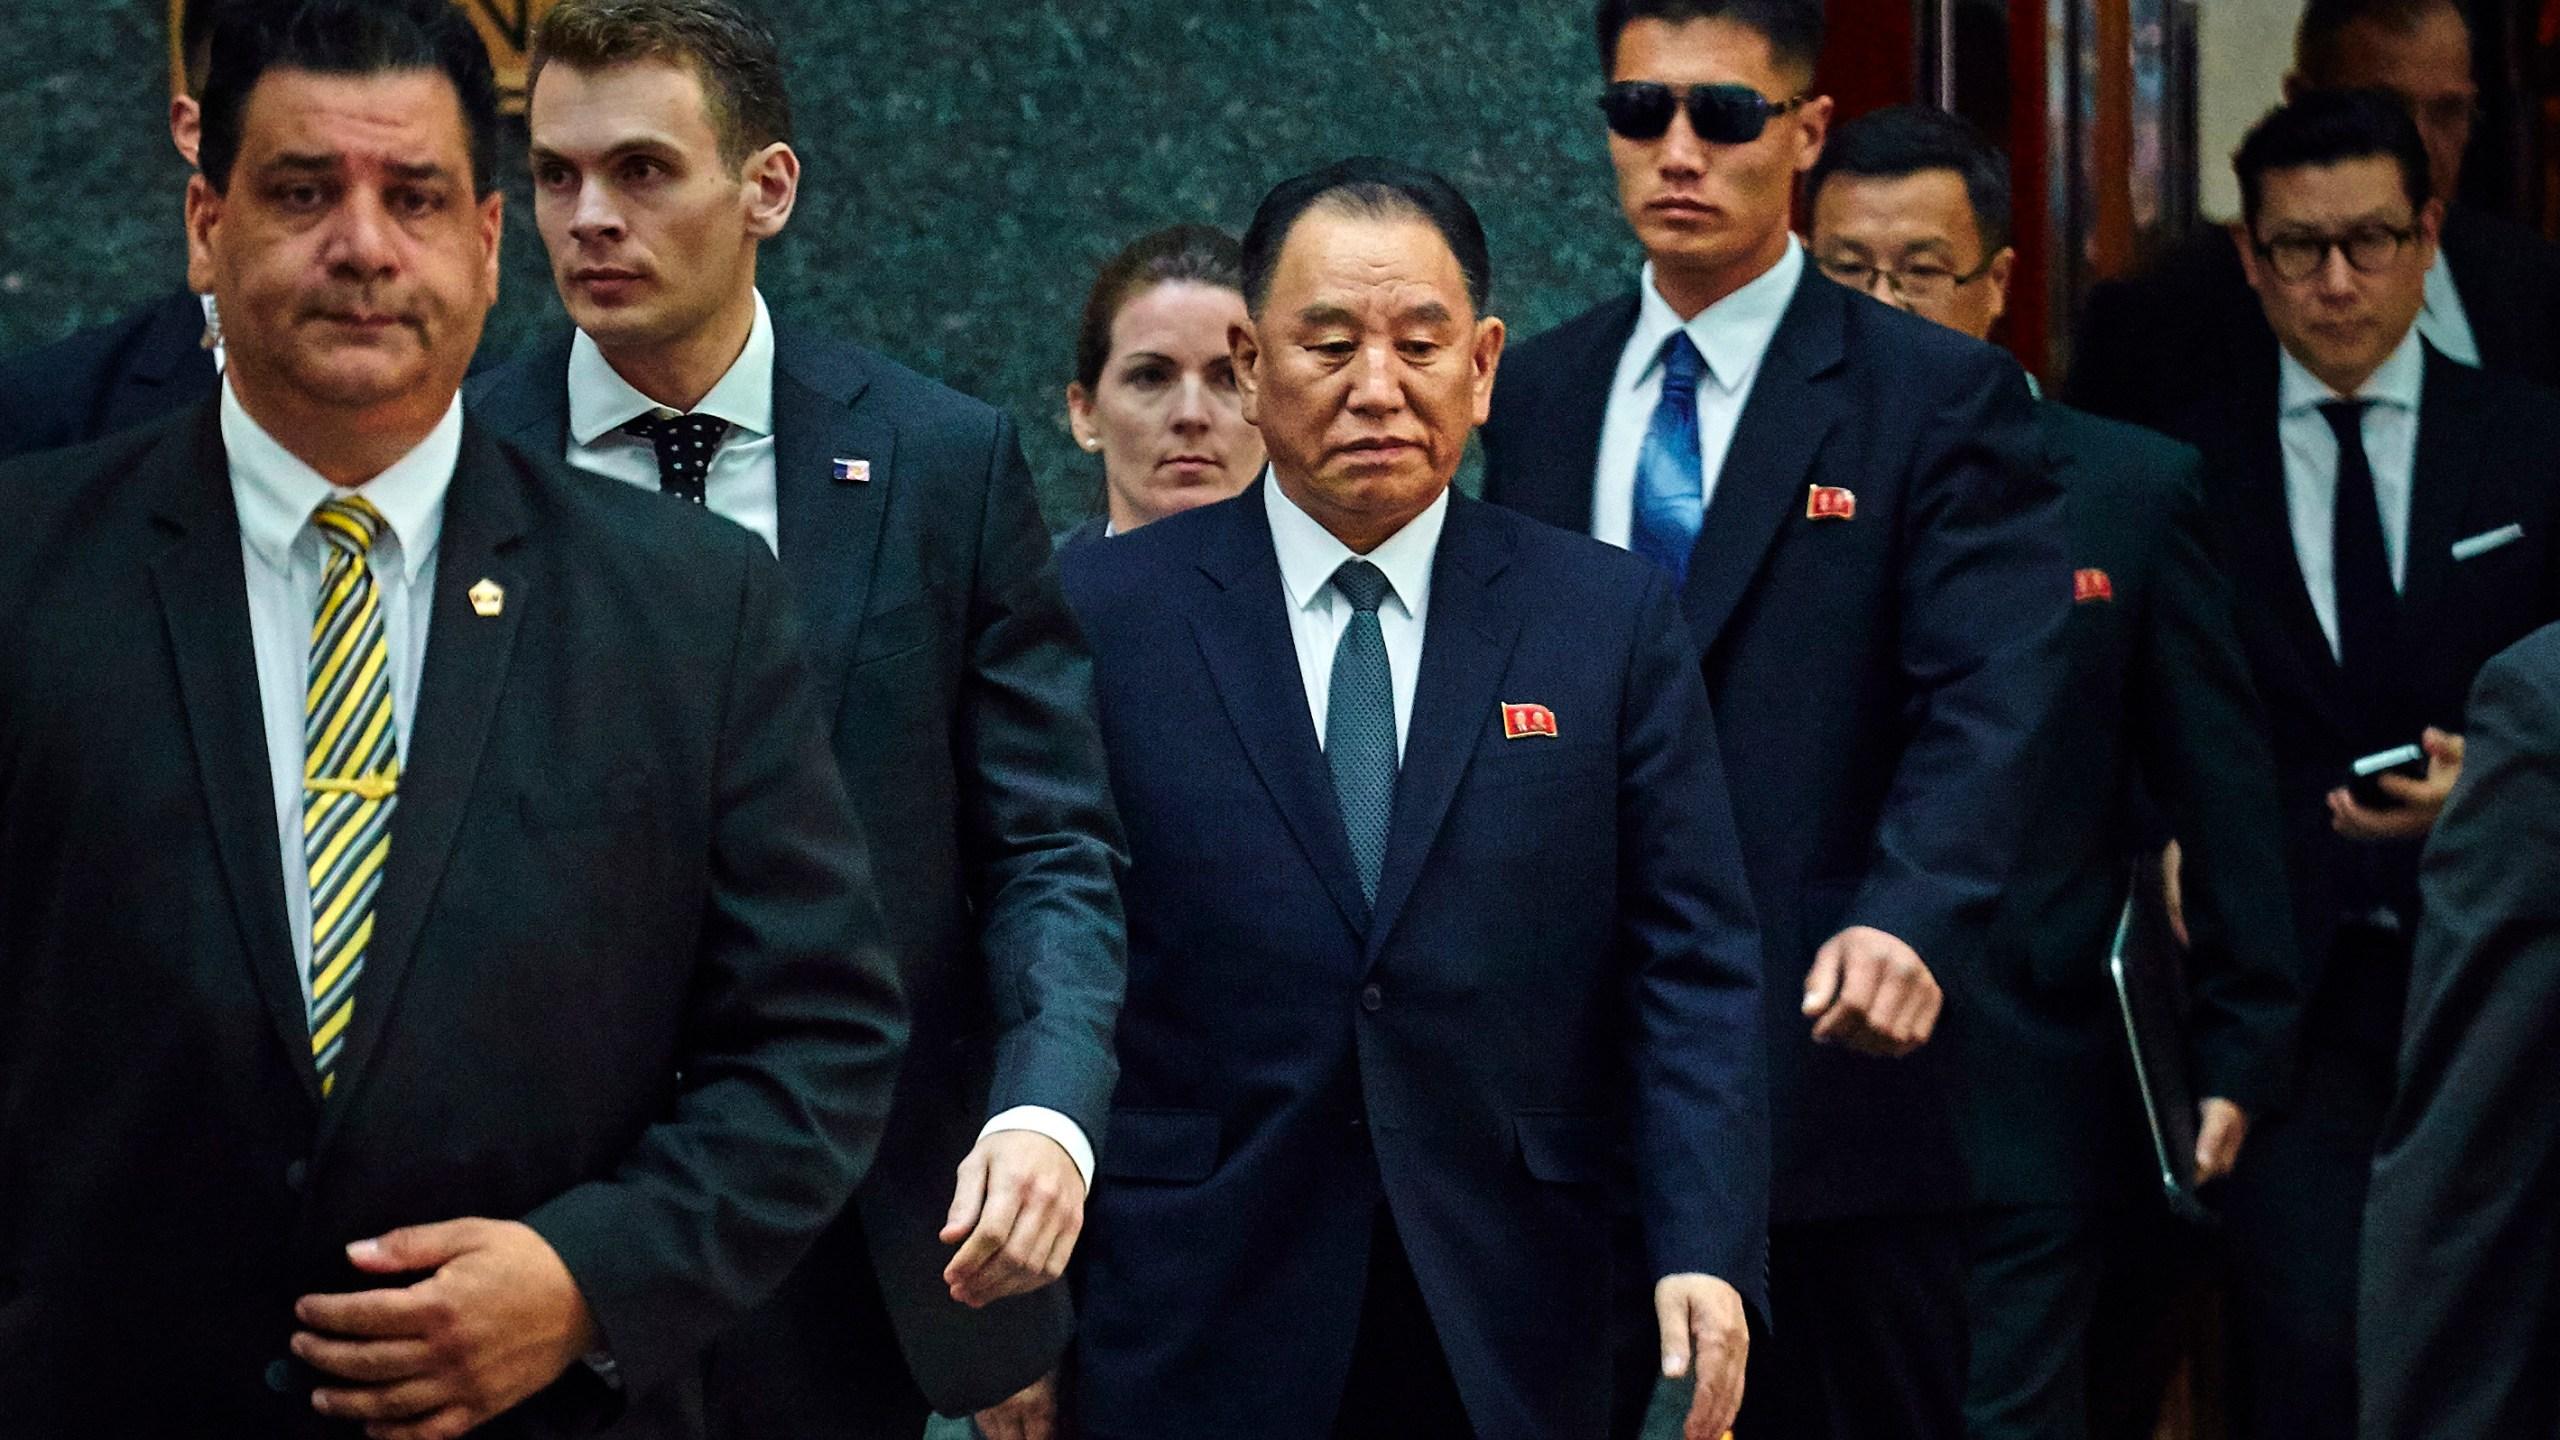 APTOPIX_Trump_North_Korea_18564-159532.jpg94838718